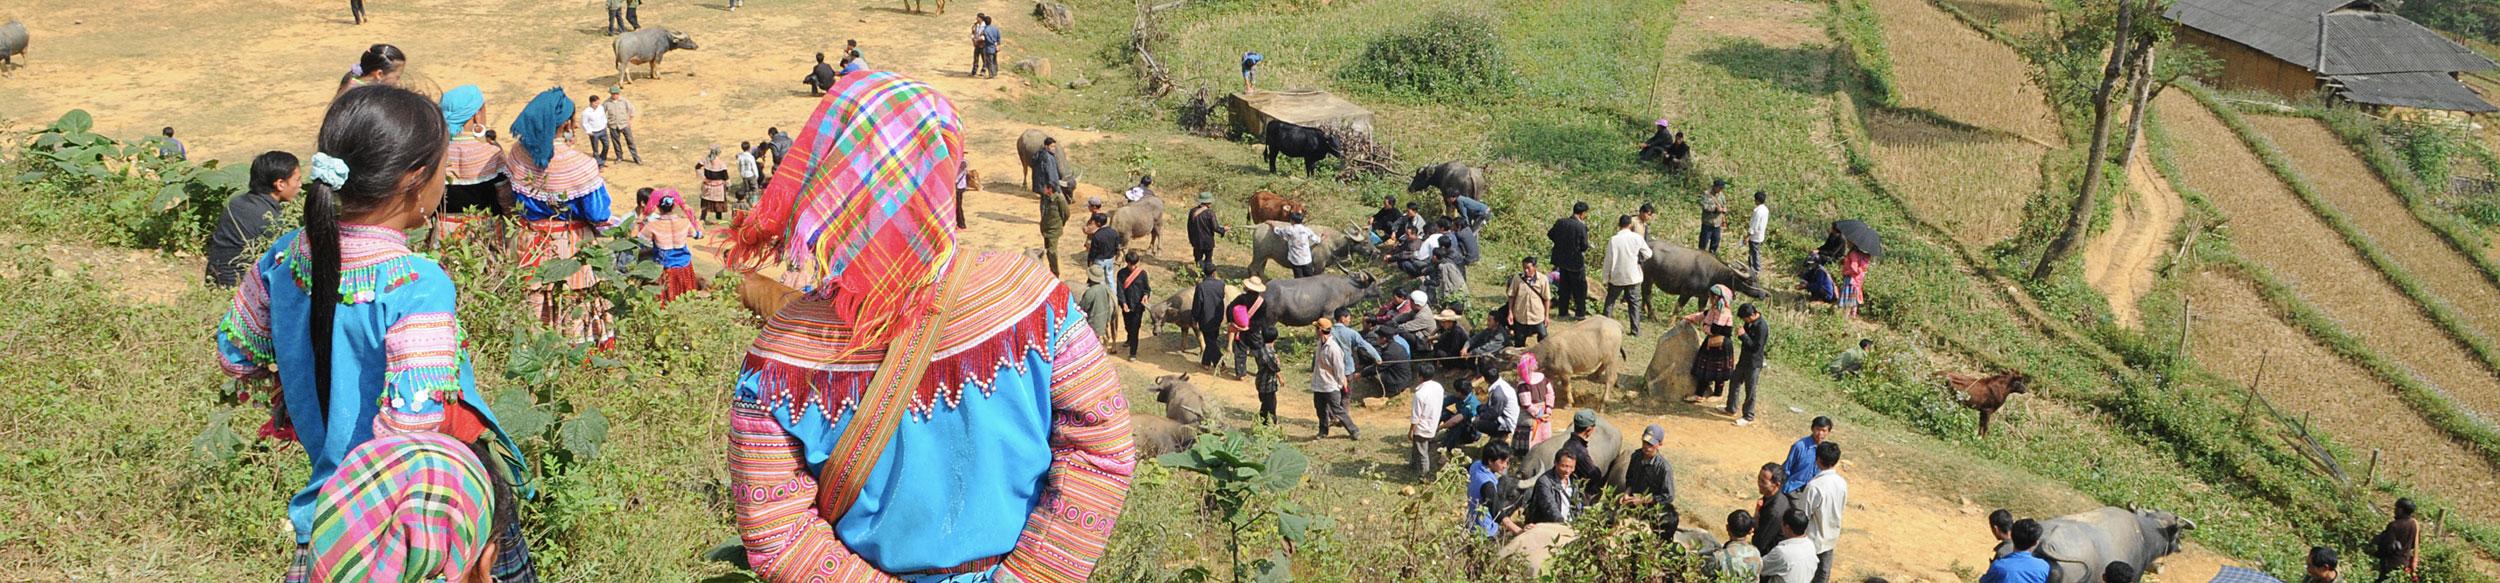 Marché ethnique de Can Cau près de Bac Ha dans le nord du Vietnam